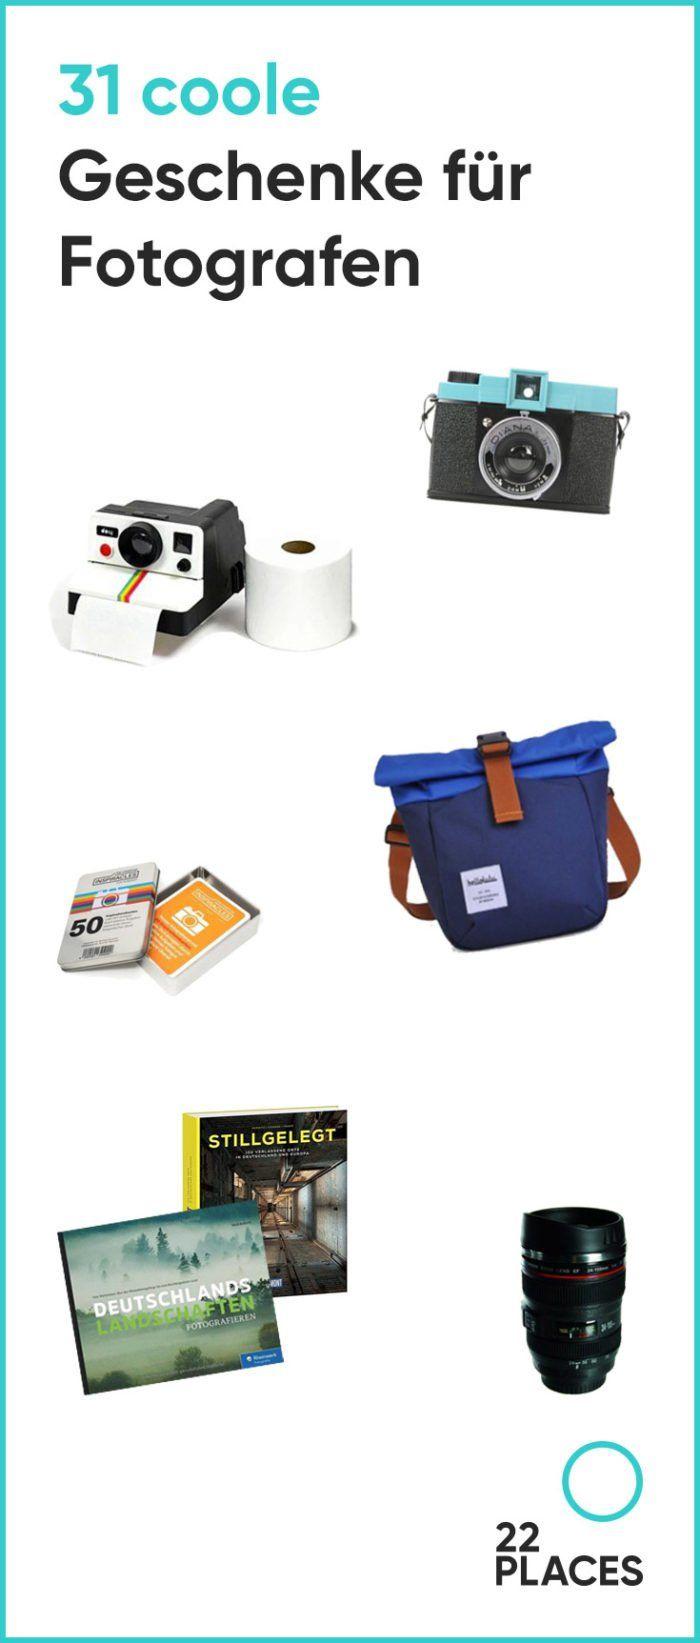 Geschenke für Fotografen: 22 tolle Geschenkideen für Fotogeisterte ...